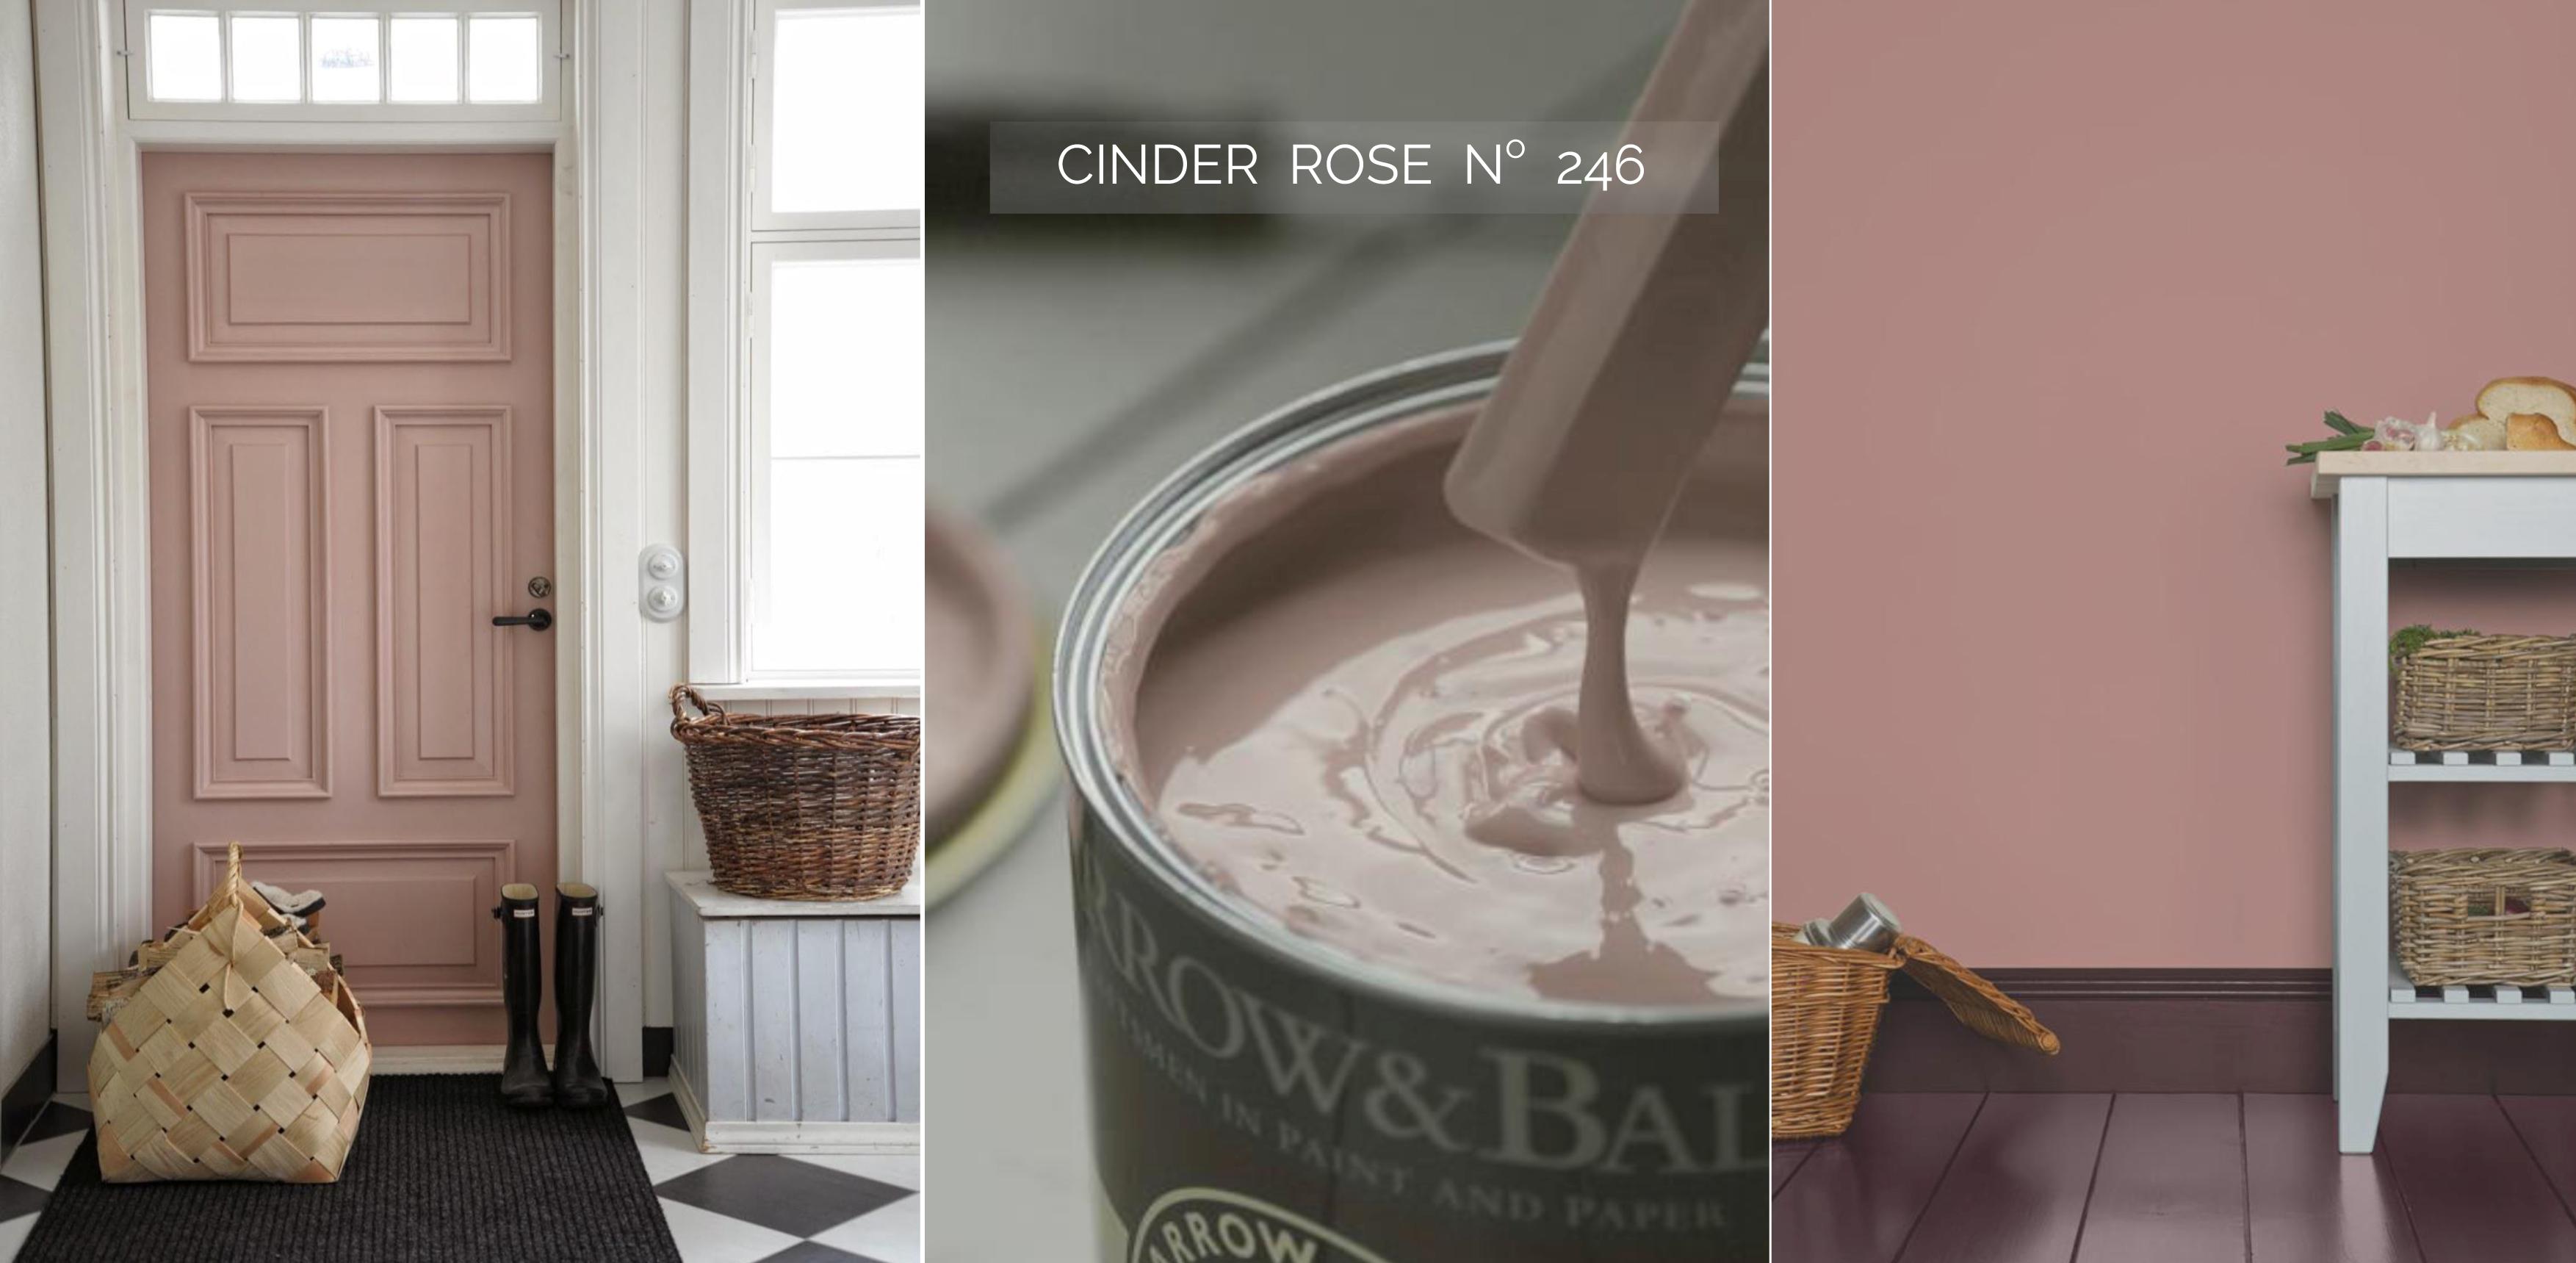 FARROW & BALL CindernRose  festék színek